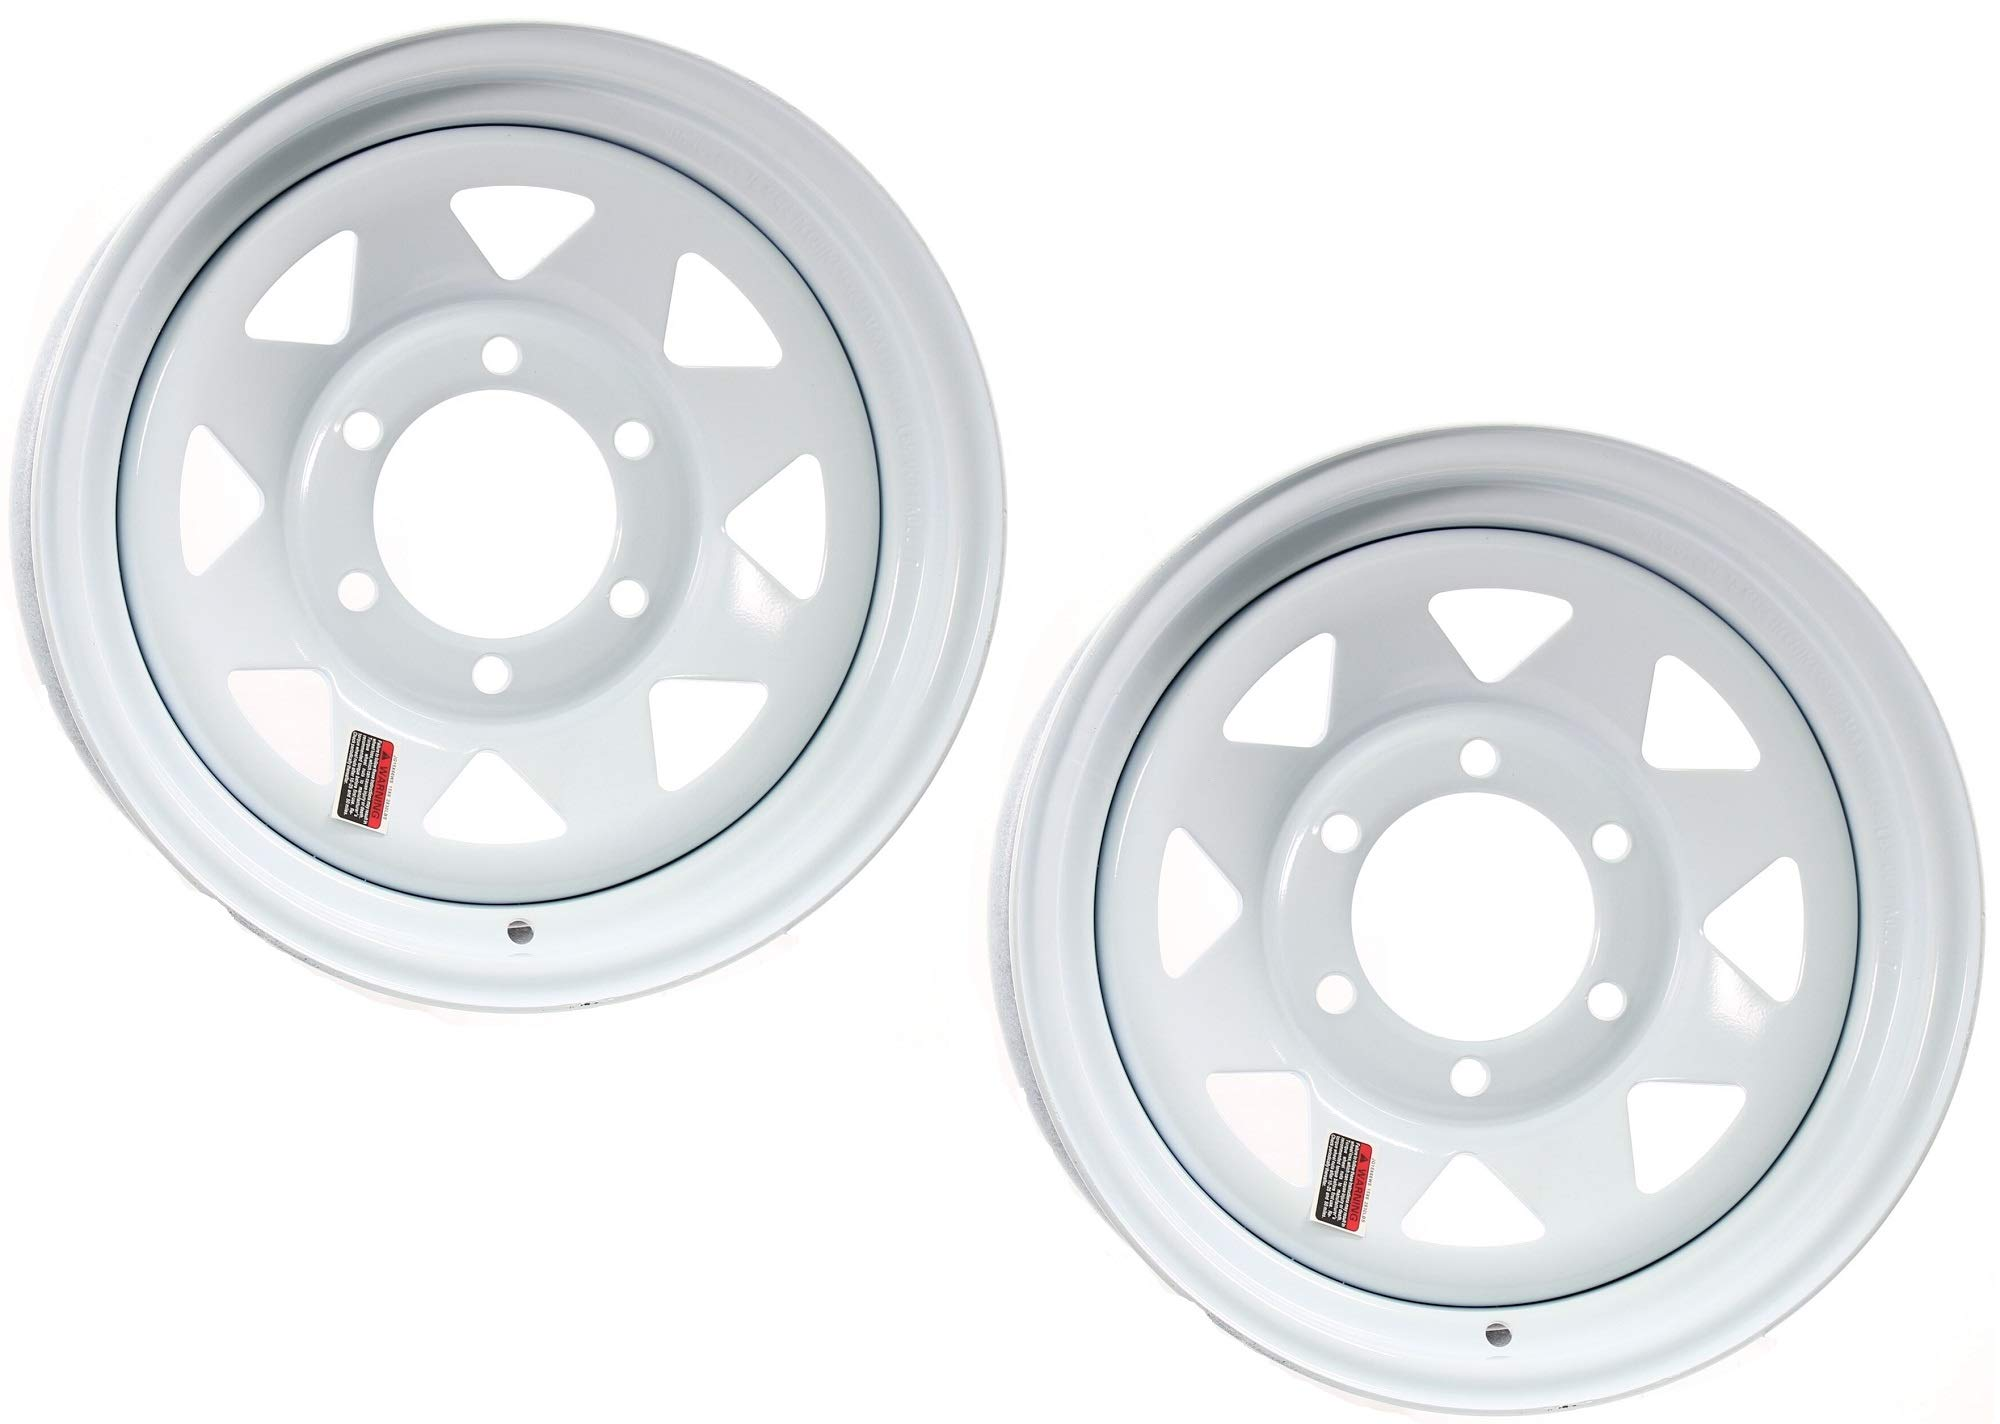 eCustomRim 2-Pack Trailer Wheel White Rims 16 x 6 Spoke Style 6 Lug On 5.5 in. Center